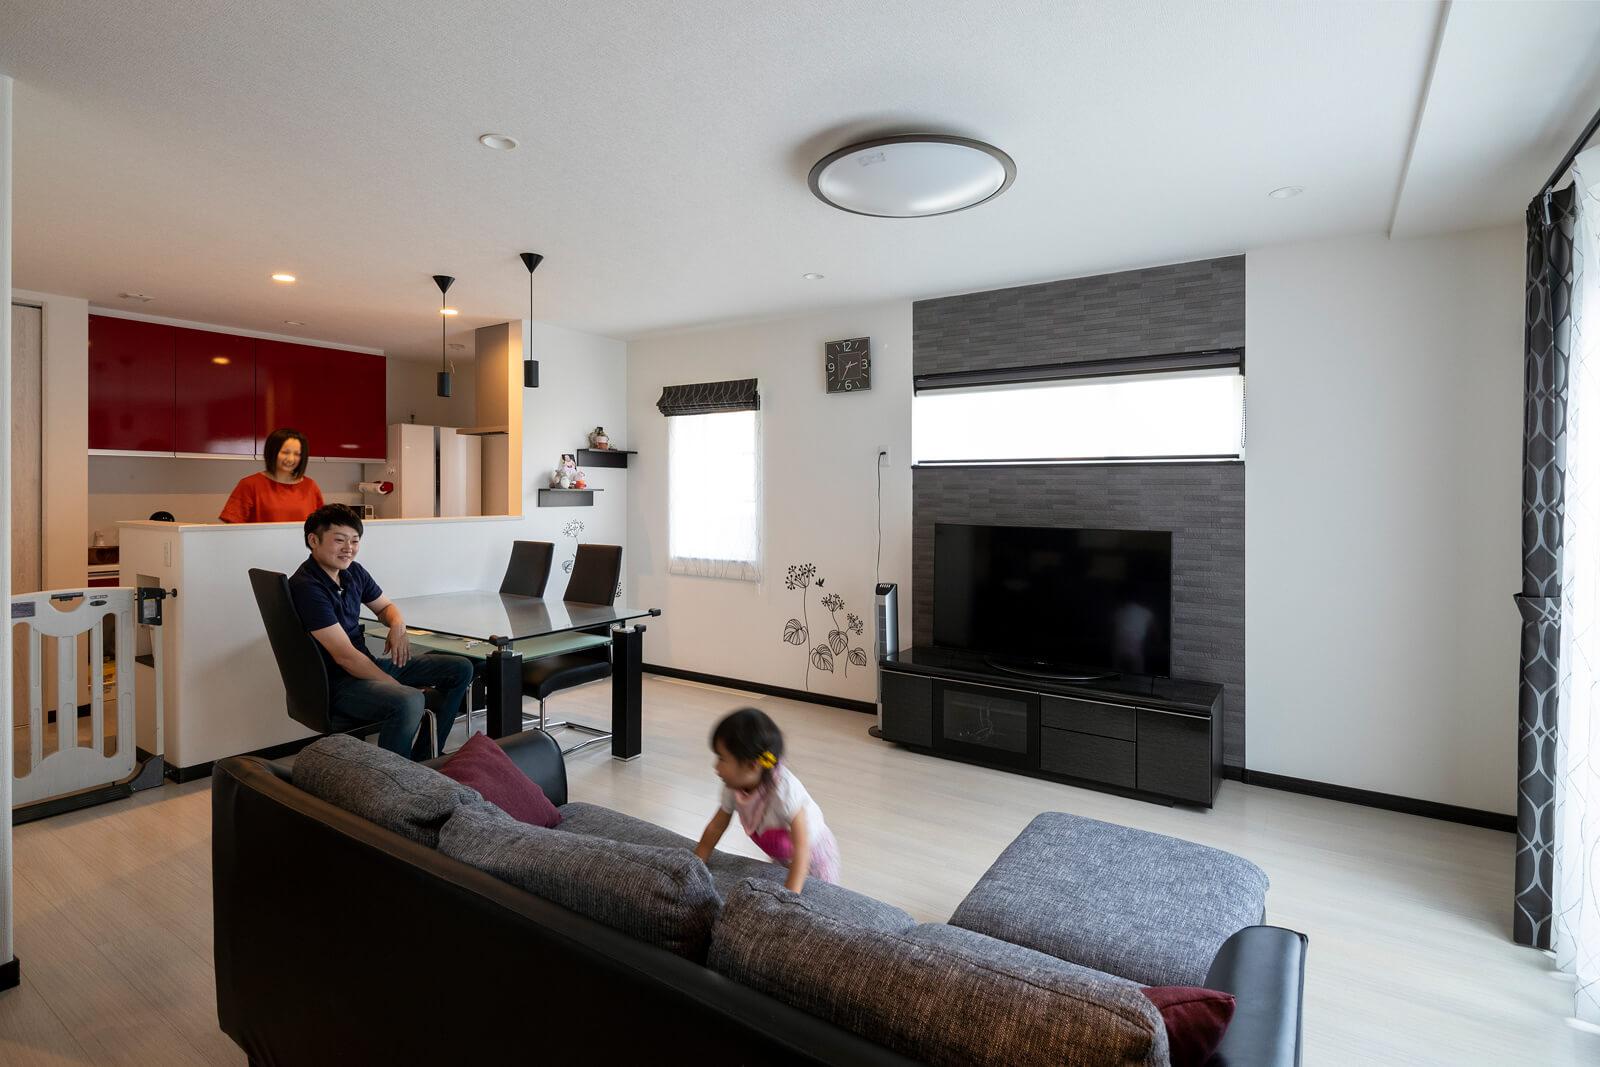 ストーブの火傷の心配がなく、家具の配置なども自由なリビング空間で、子どもものびのび育っている